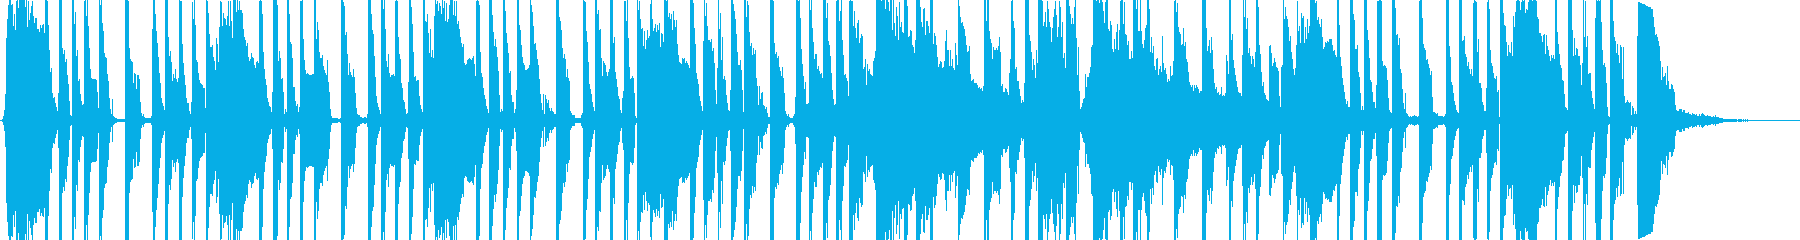 ファンキーなジャズロックの再生済みの波形